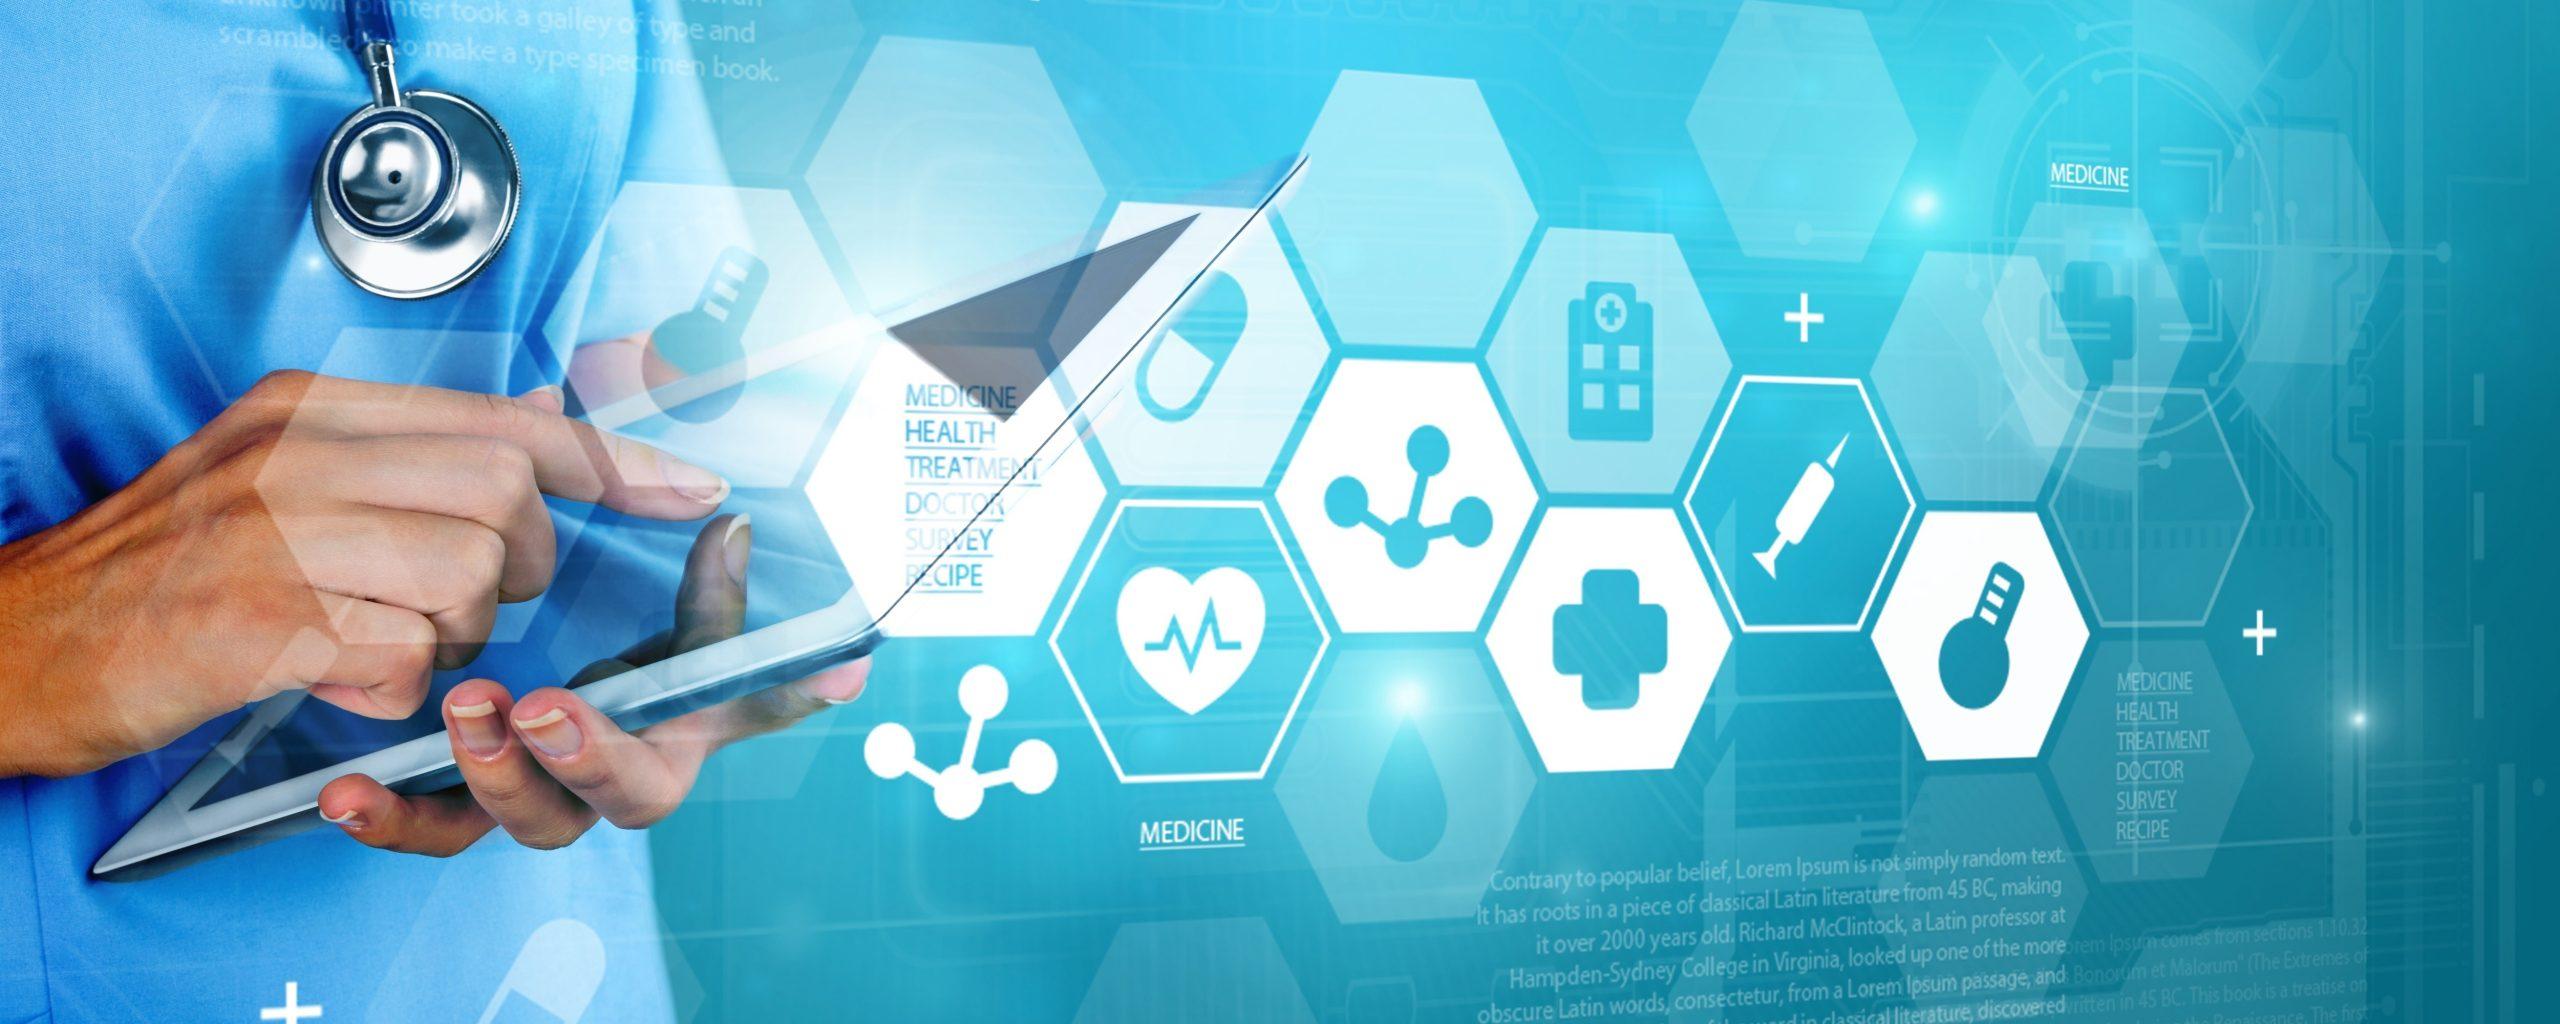 STATUS. Pentru servicii de sănătate digitale, mobile și conectate